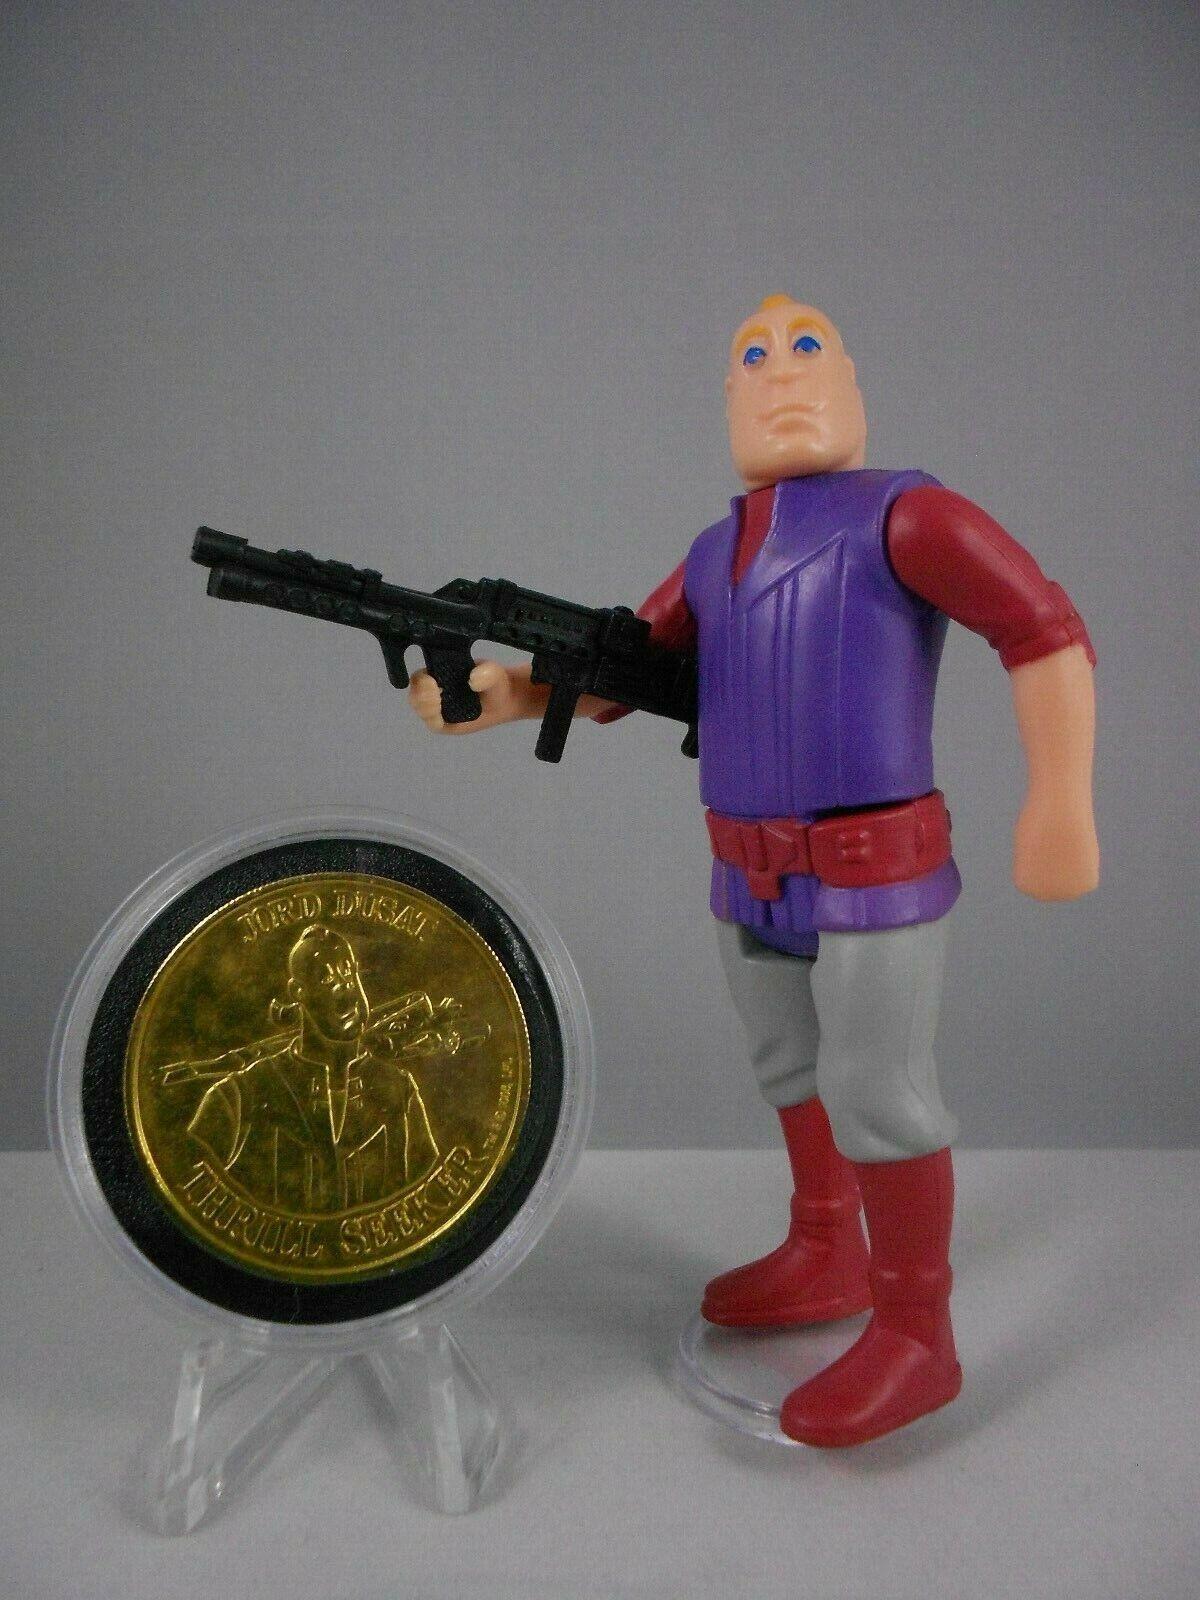 Vintage Star Wars Droids 1985 Jord Dusat  E N Mint w Droids Coin & Weapon No COO